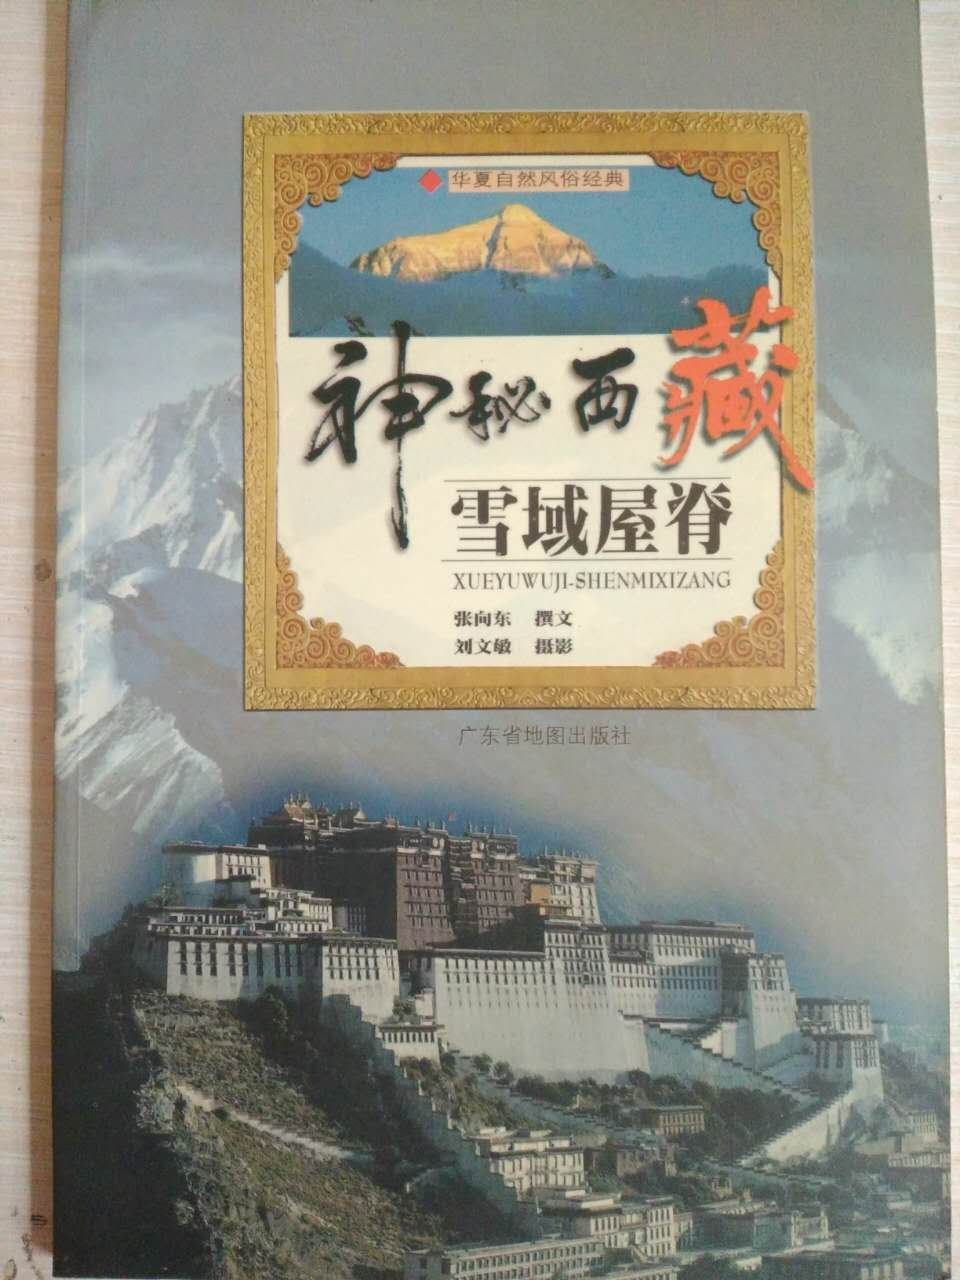 66 *【旅遊】神秘西藏 雪域屋脊 華夏自然風俗